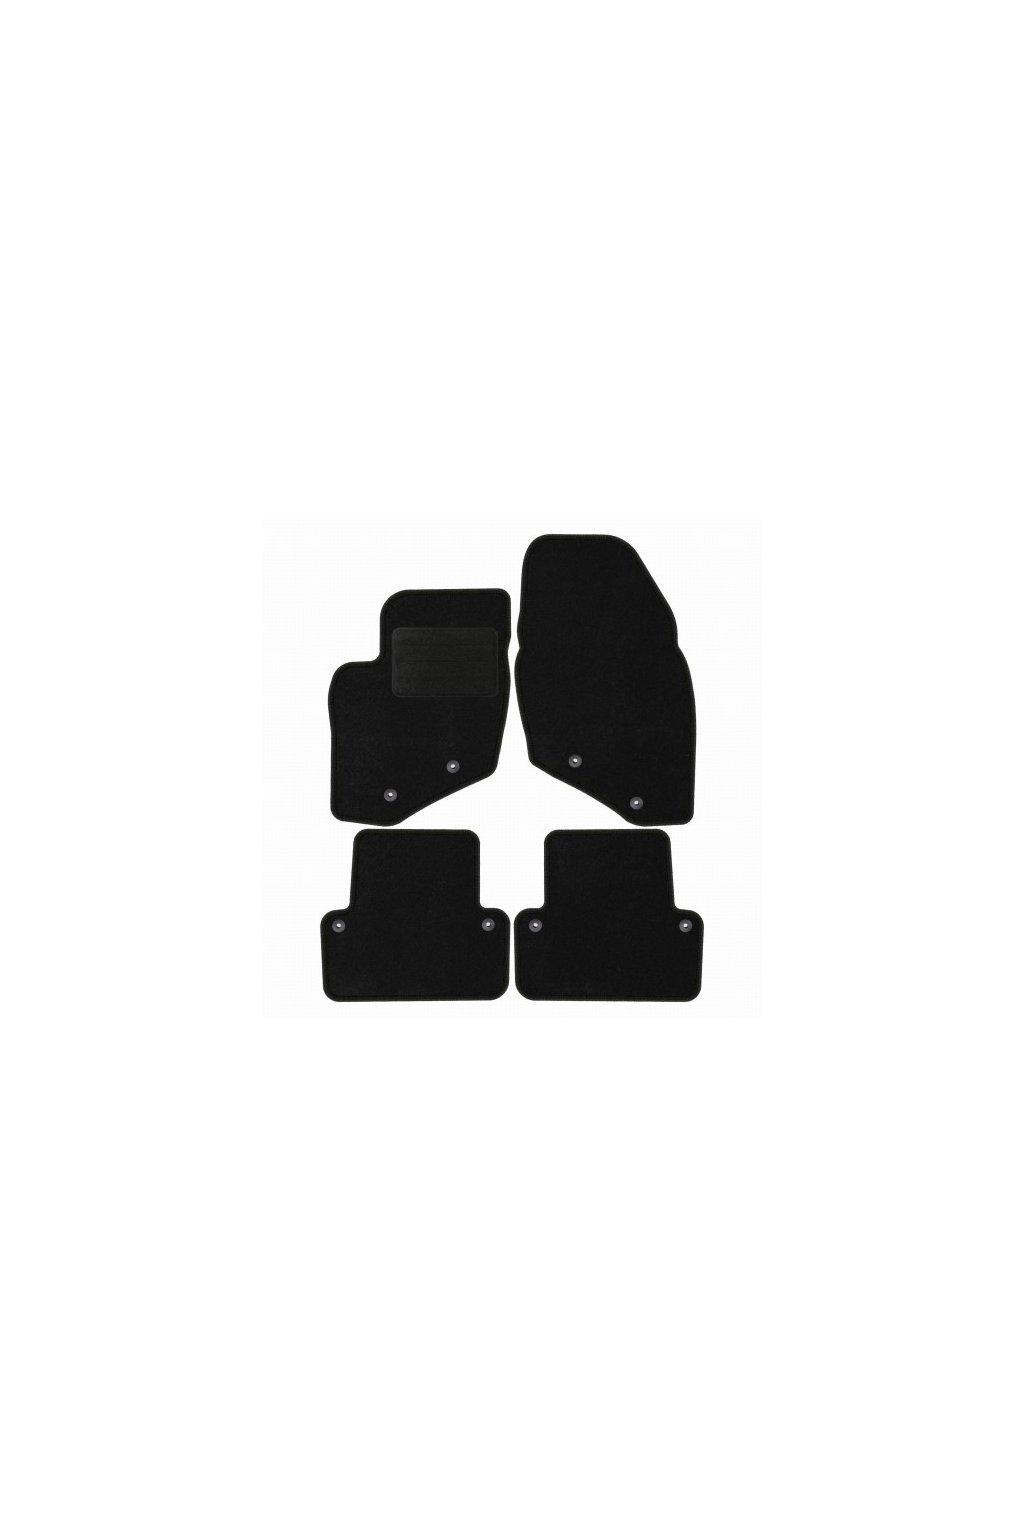 Koberce textilni ACR Volvo V70 II 2000-2007 černá